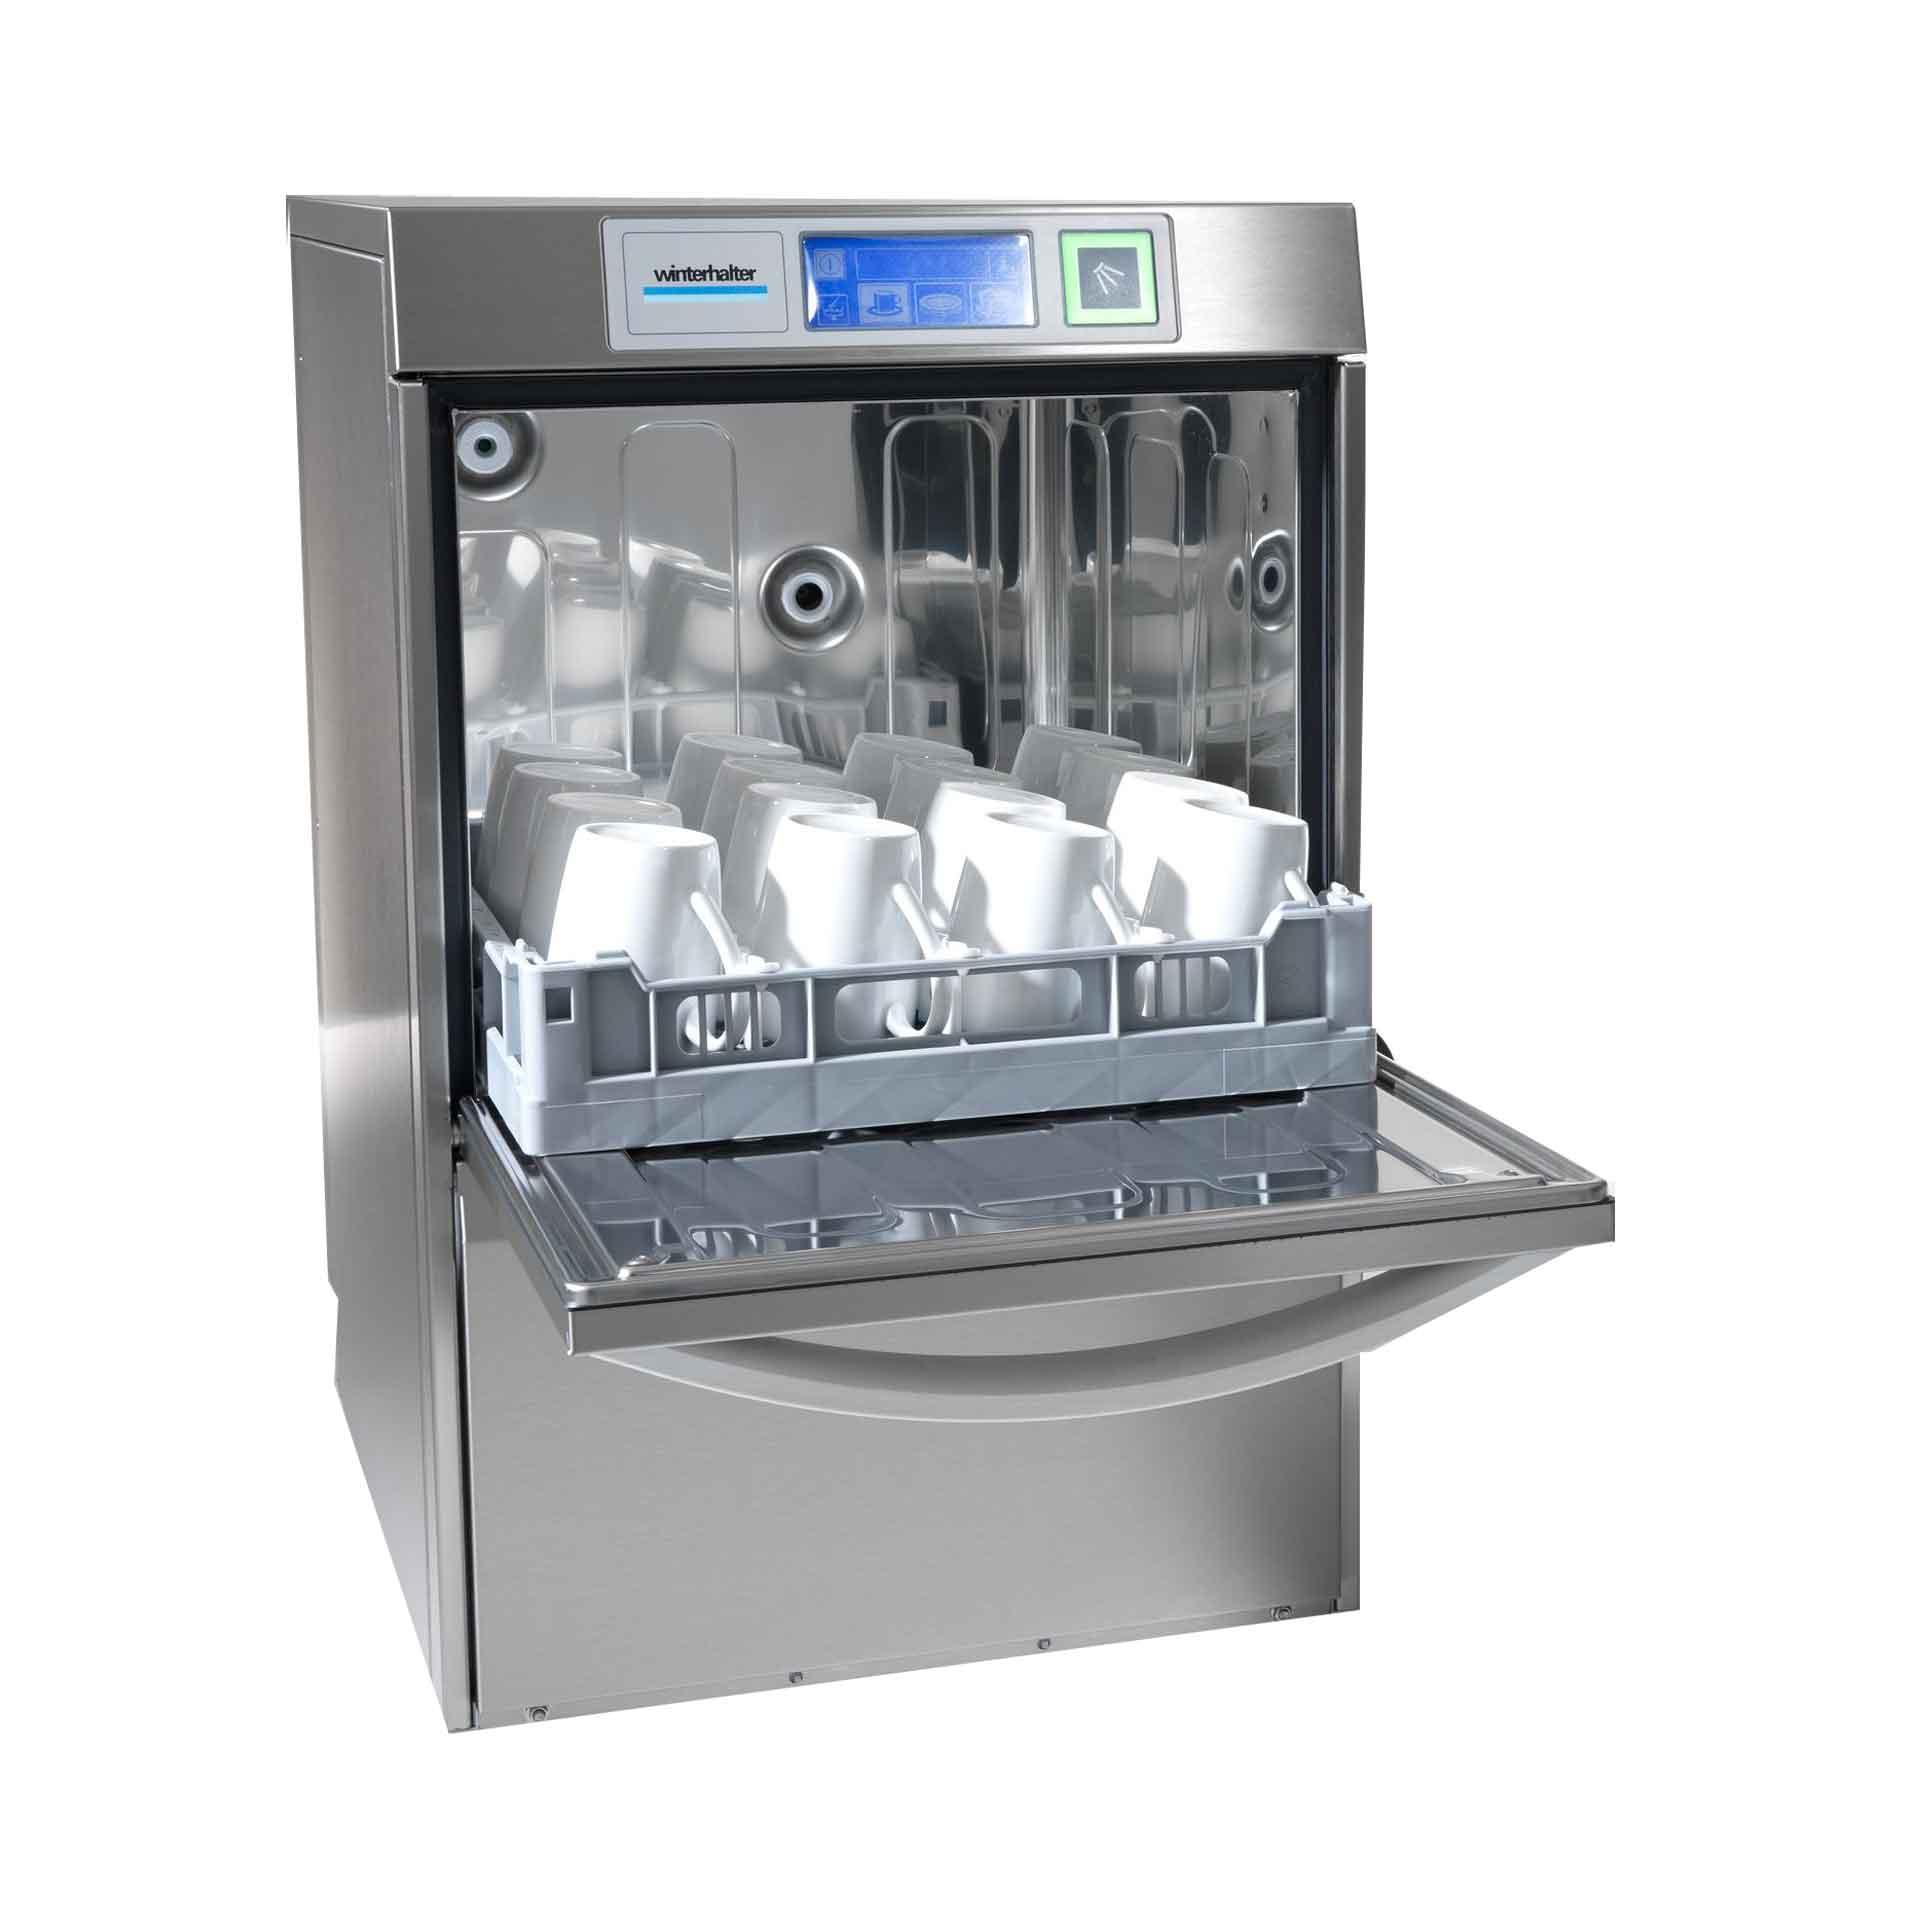 Winterhalter Geschirrspülmaschine UC-S